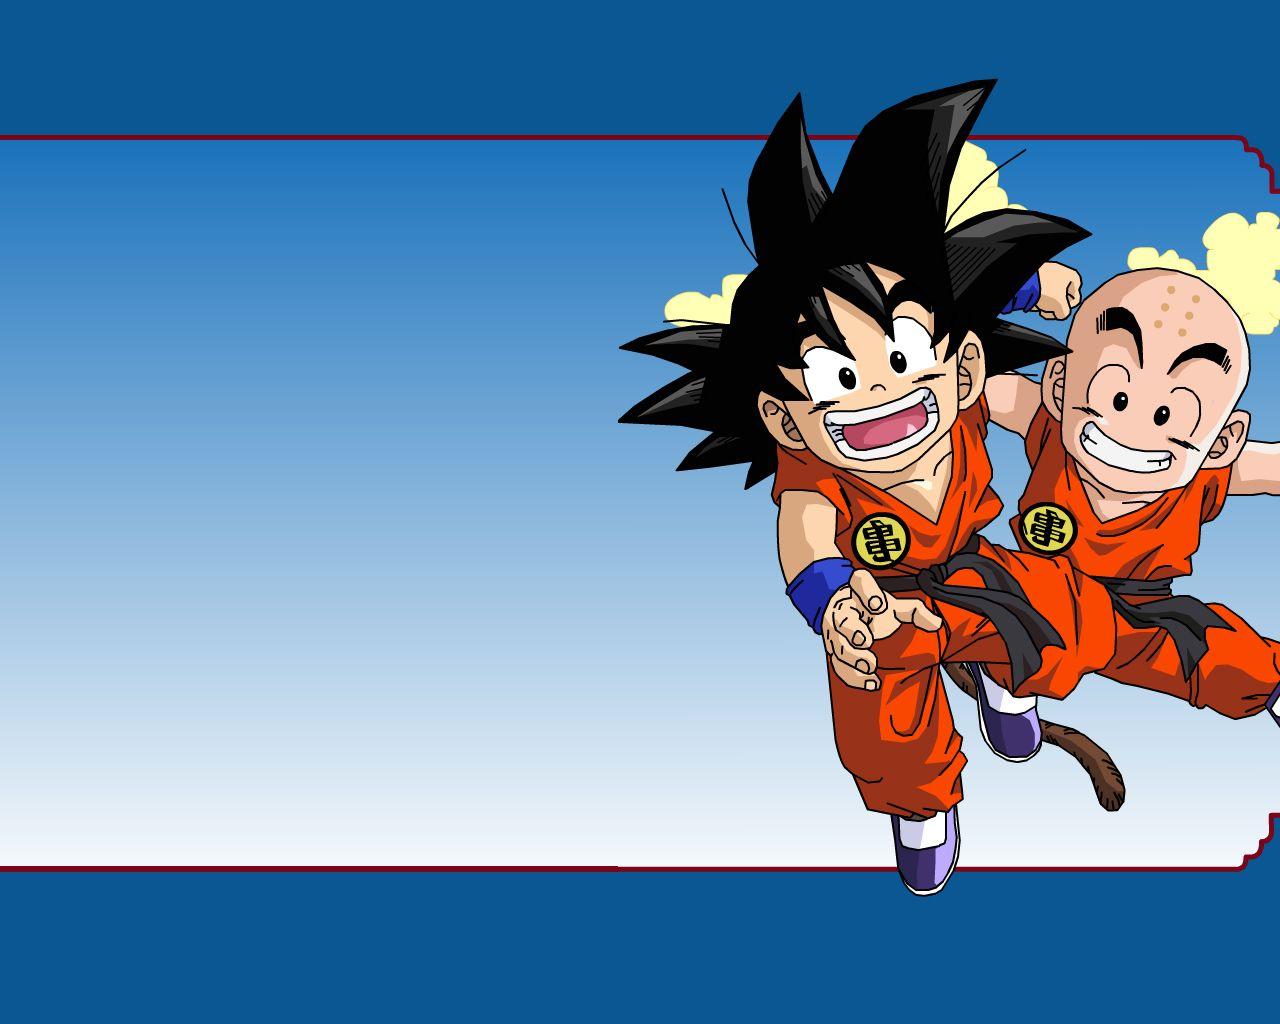 Dragon ball kid goku and kid krillin anime wallpapers for Fond ecran goku